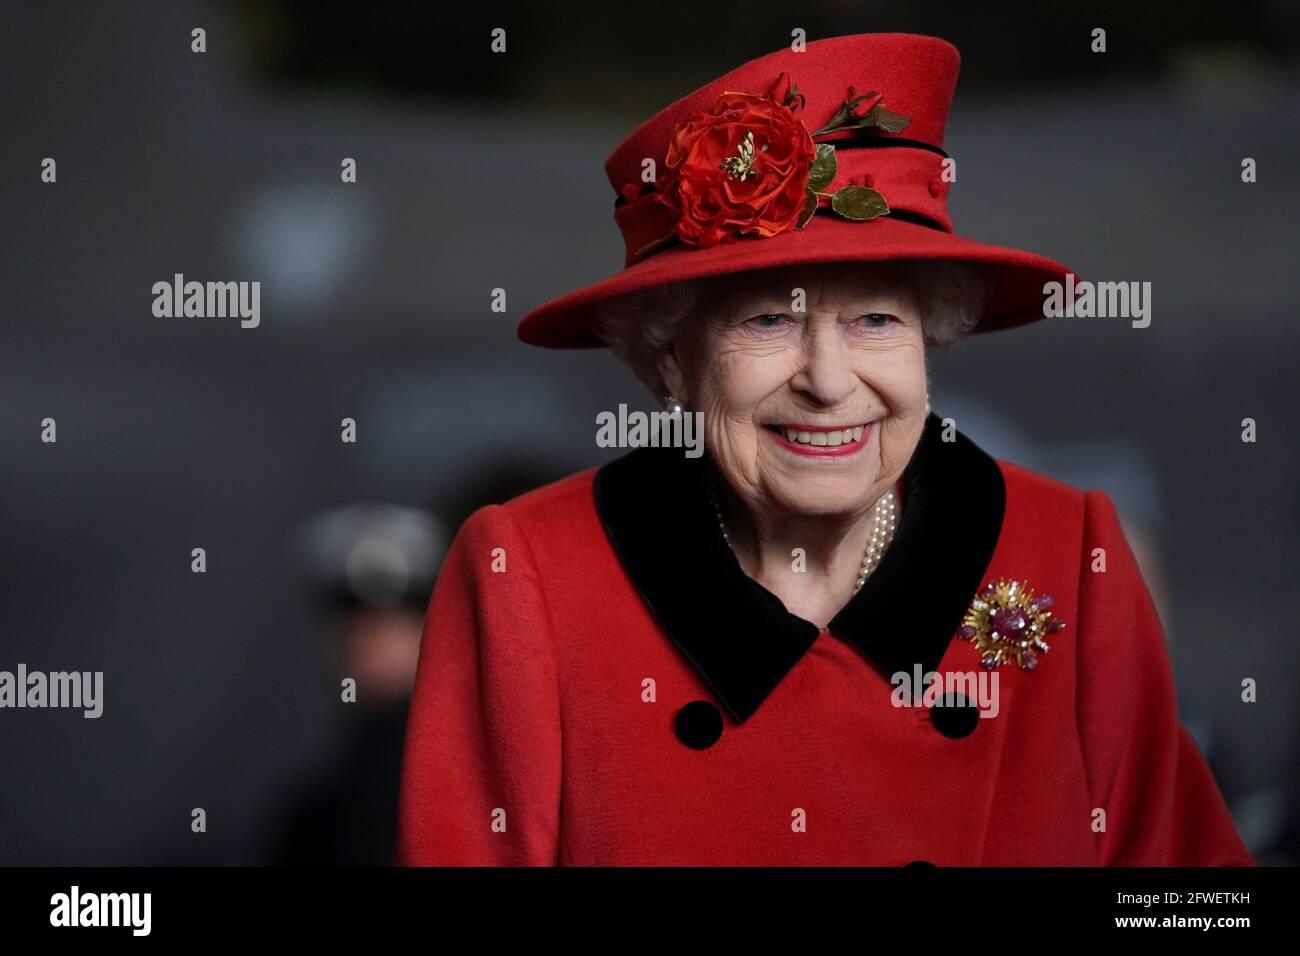 Königin Elizabeth II. Bei einem Besuch der HMS Queen Elizabeth auf dem Marinestützpunkt HM, Portsmouth, vor dem ersten Einsatz des Schiffes. Der Besuch kommt, als sich die HMS Queen Elizabeth darauf vorbereitet, die britische Carrier Strike Group auf einem 28-wöchigen Einsatzeinsatz zu führen, der über 26,000 Seemeilen vom Mittelmeer bis zur philippinischen See führt. Bilddatum: Samstag, 22. Mai 2021. Stockfoto